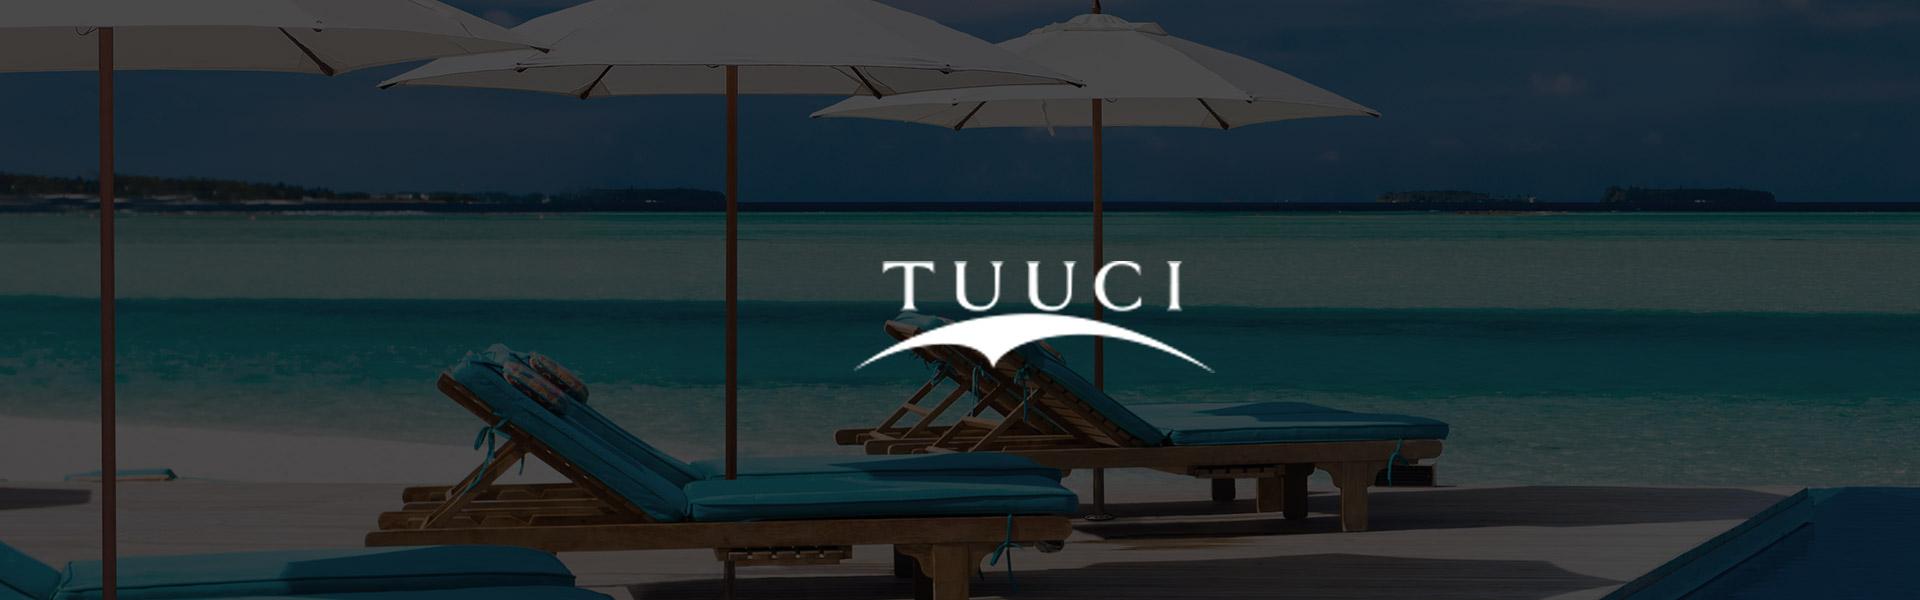 tuuci_02